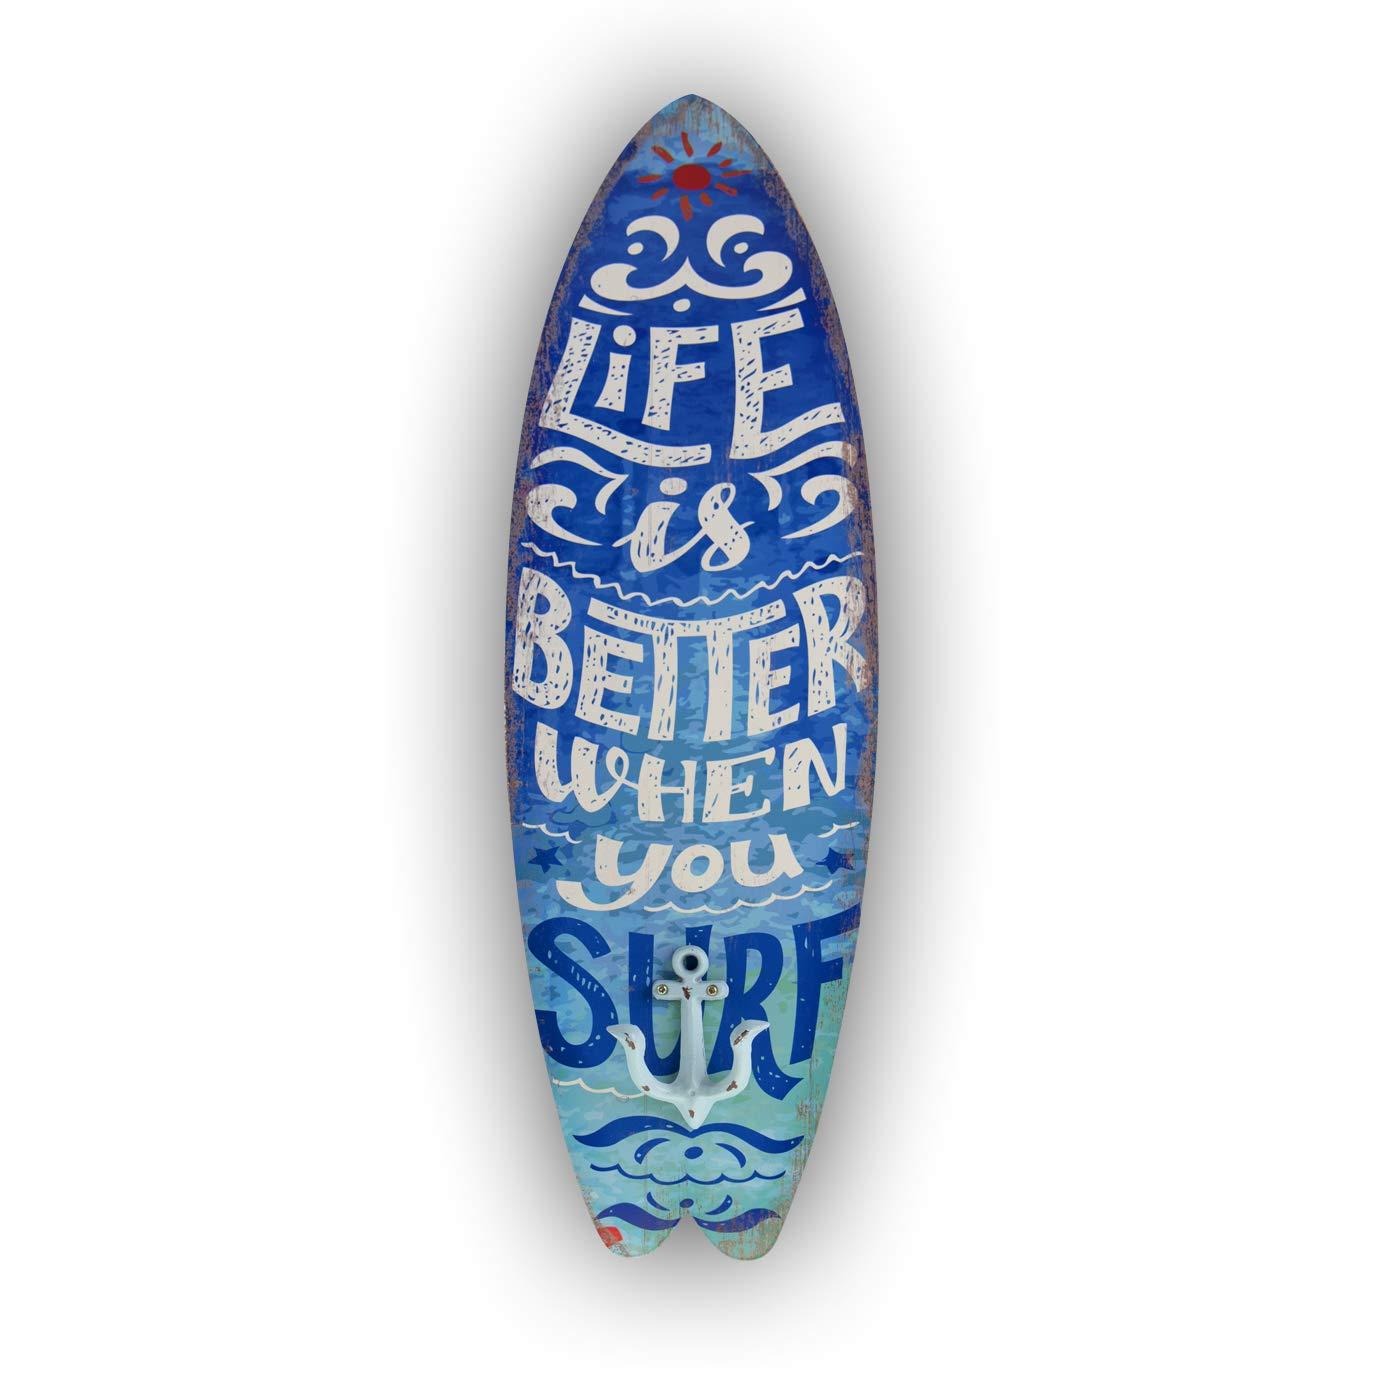 Porte-serviette planche de surf enjoy